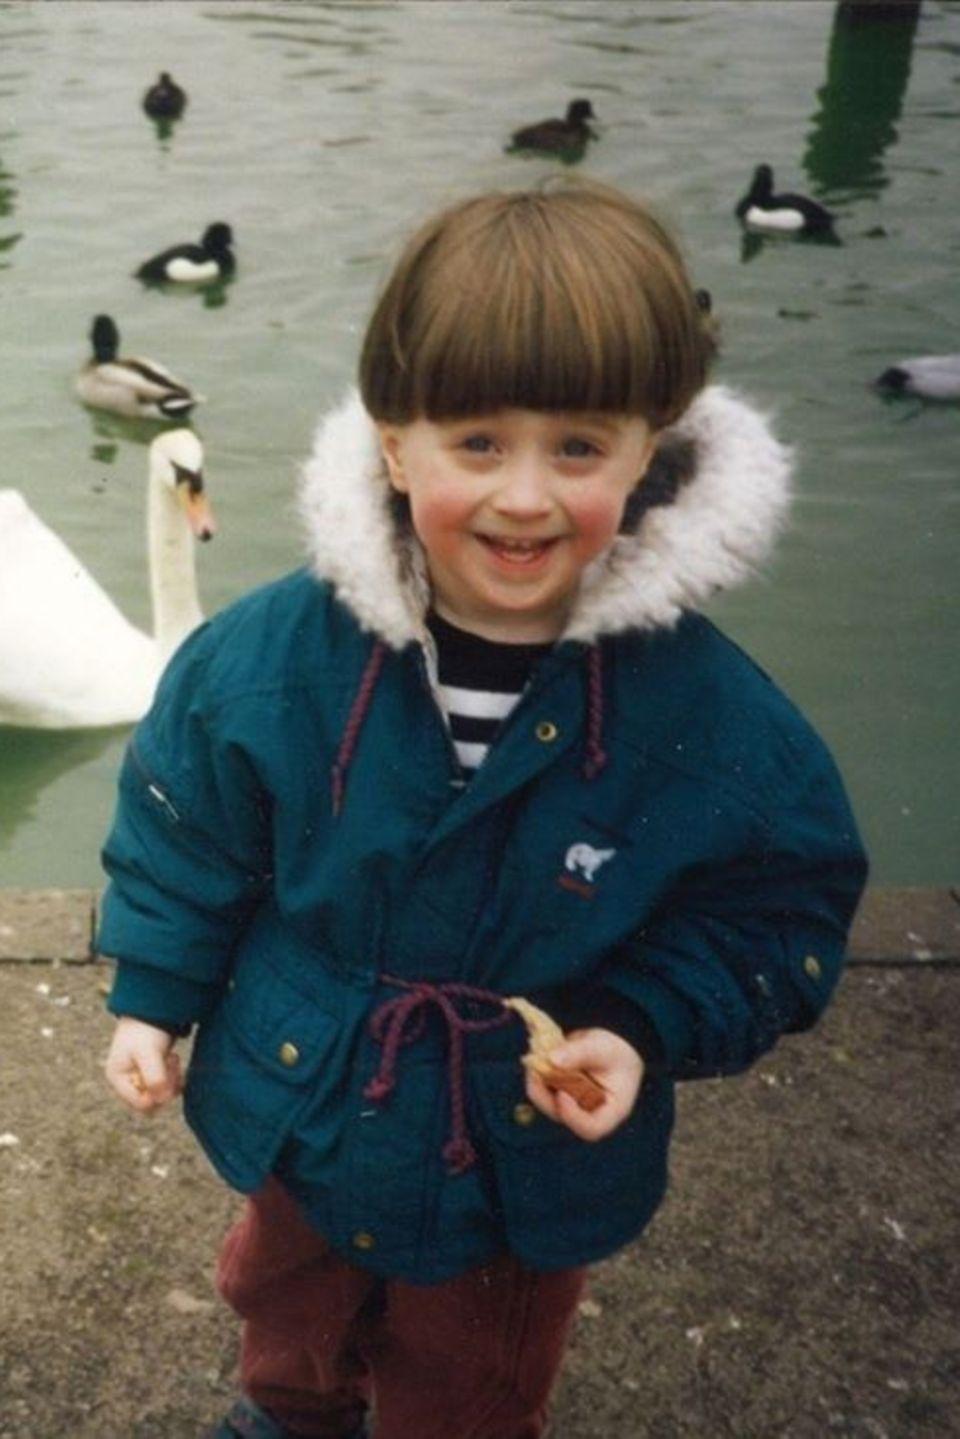 Daniel Radcliffe  Dieser Schnappschuss aus Kindertagen entzückt wirklichjeden. Im Alter von ca. drei Jahren sehen wir den kleinen Daniel warm eingepackt und mit roten Bäckchen beim Enten füttern.